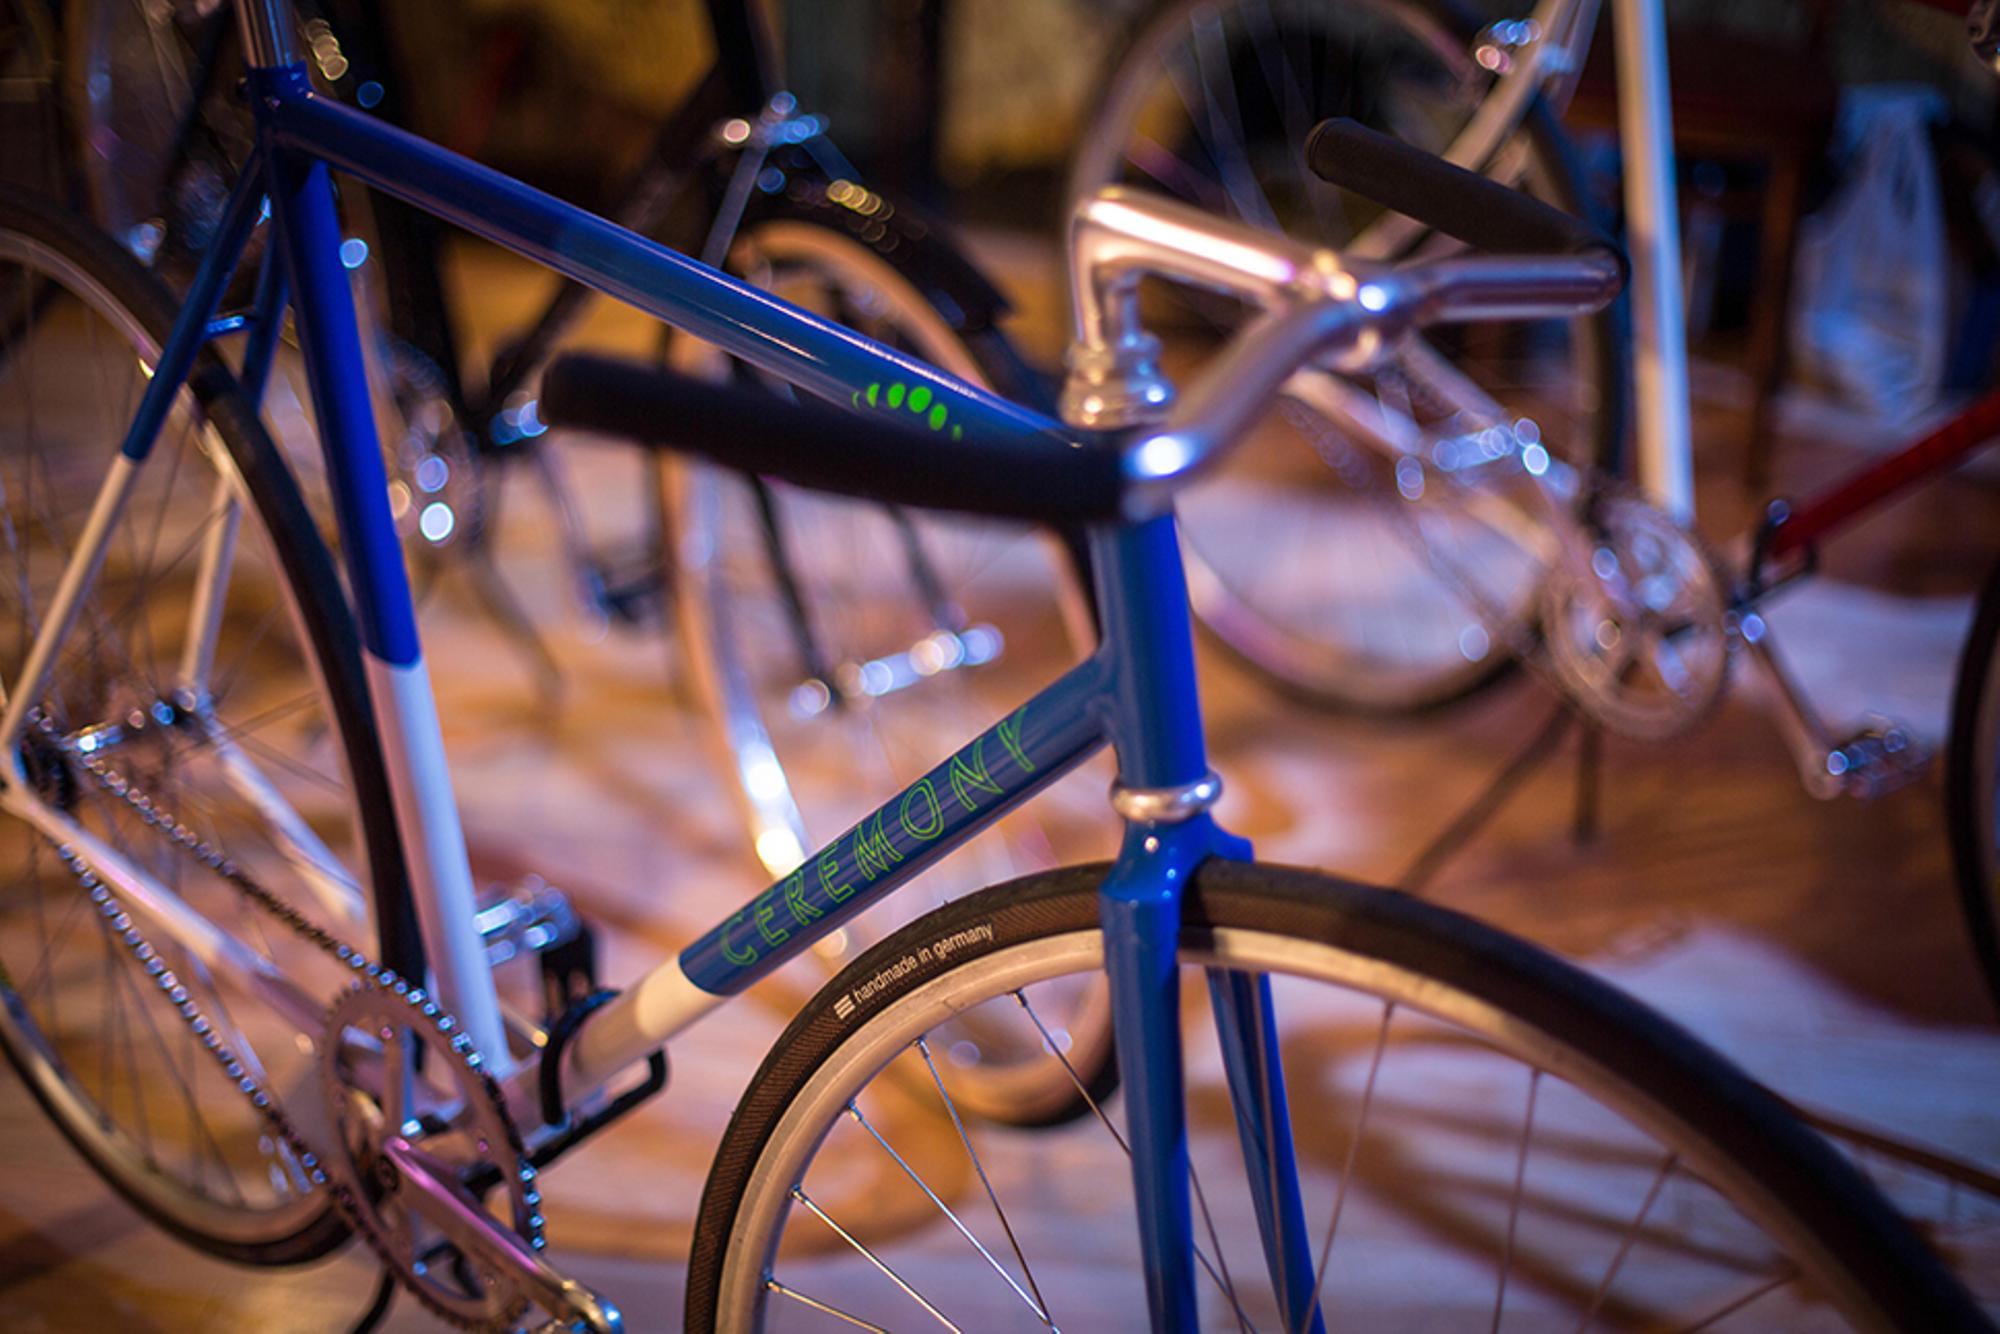 Ceremony Bikes